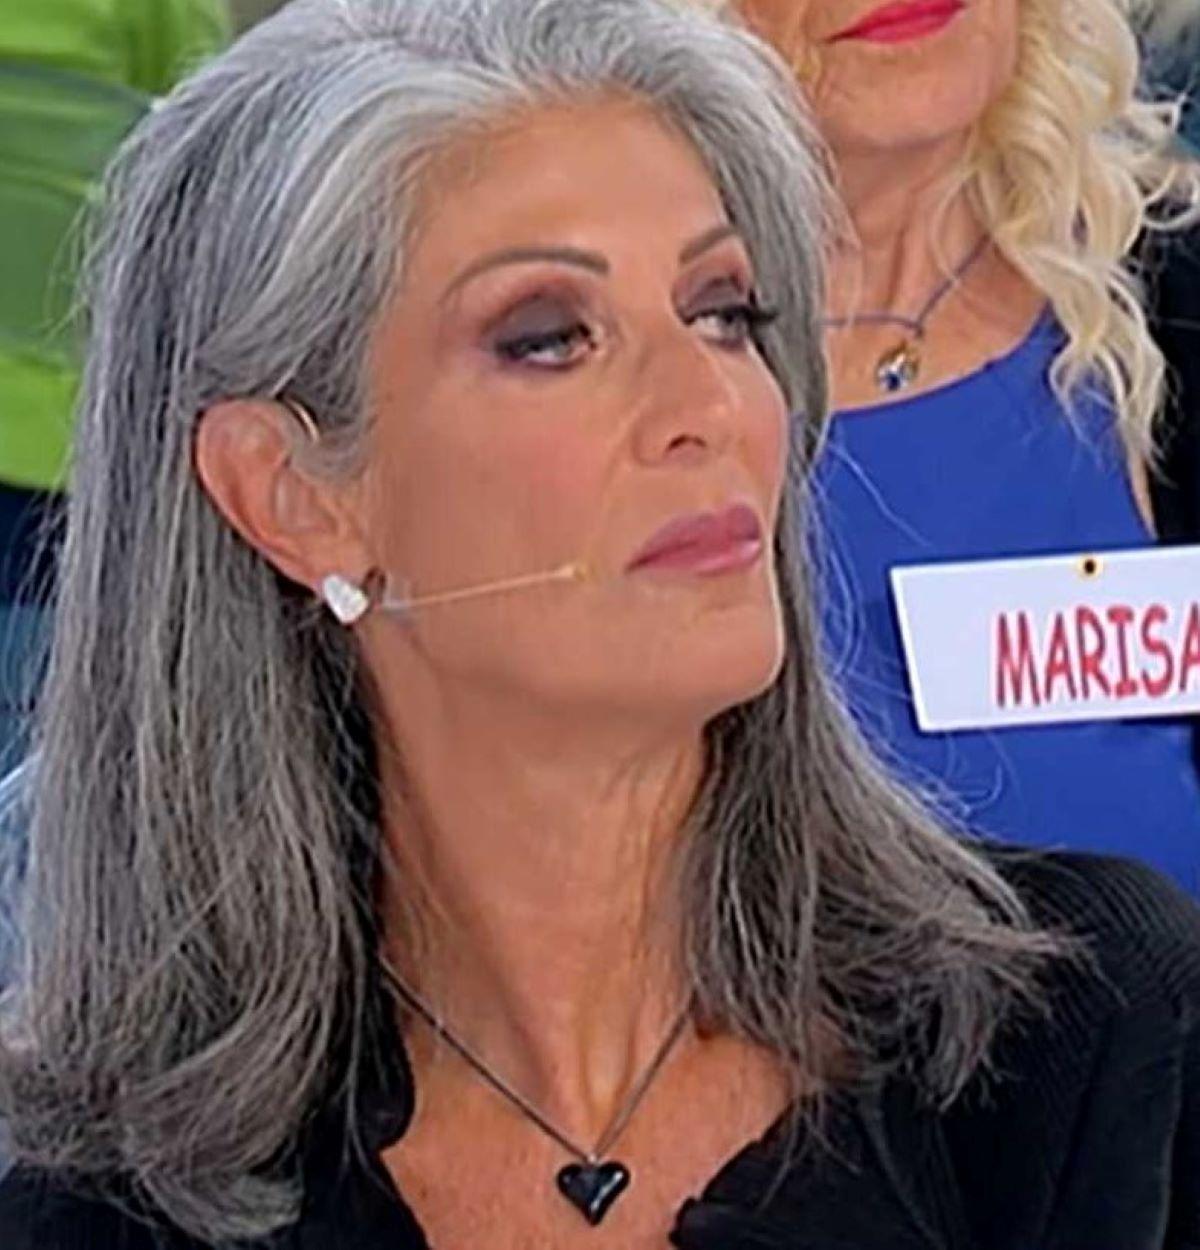 Uomini e Donne Isabella Ricci Minaccia Addio